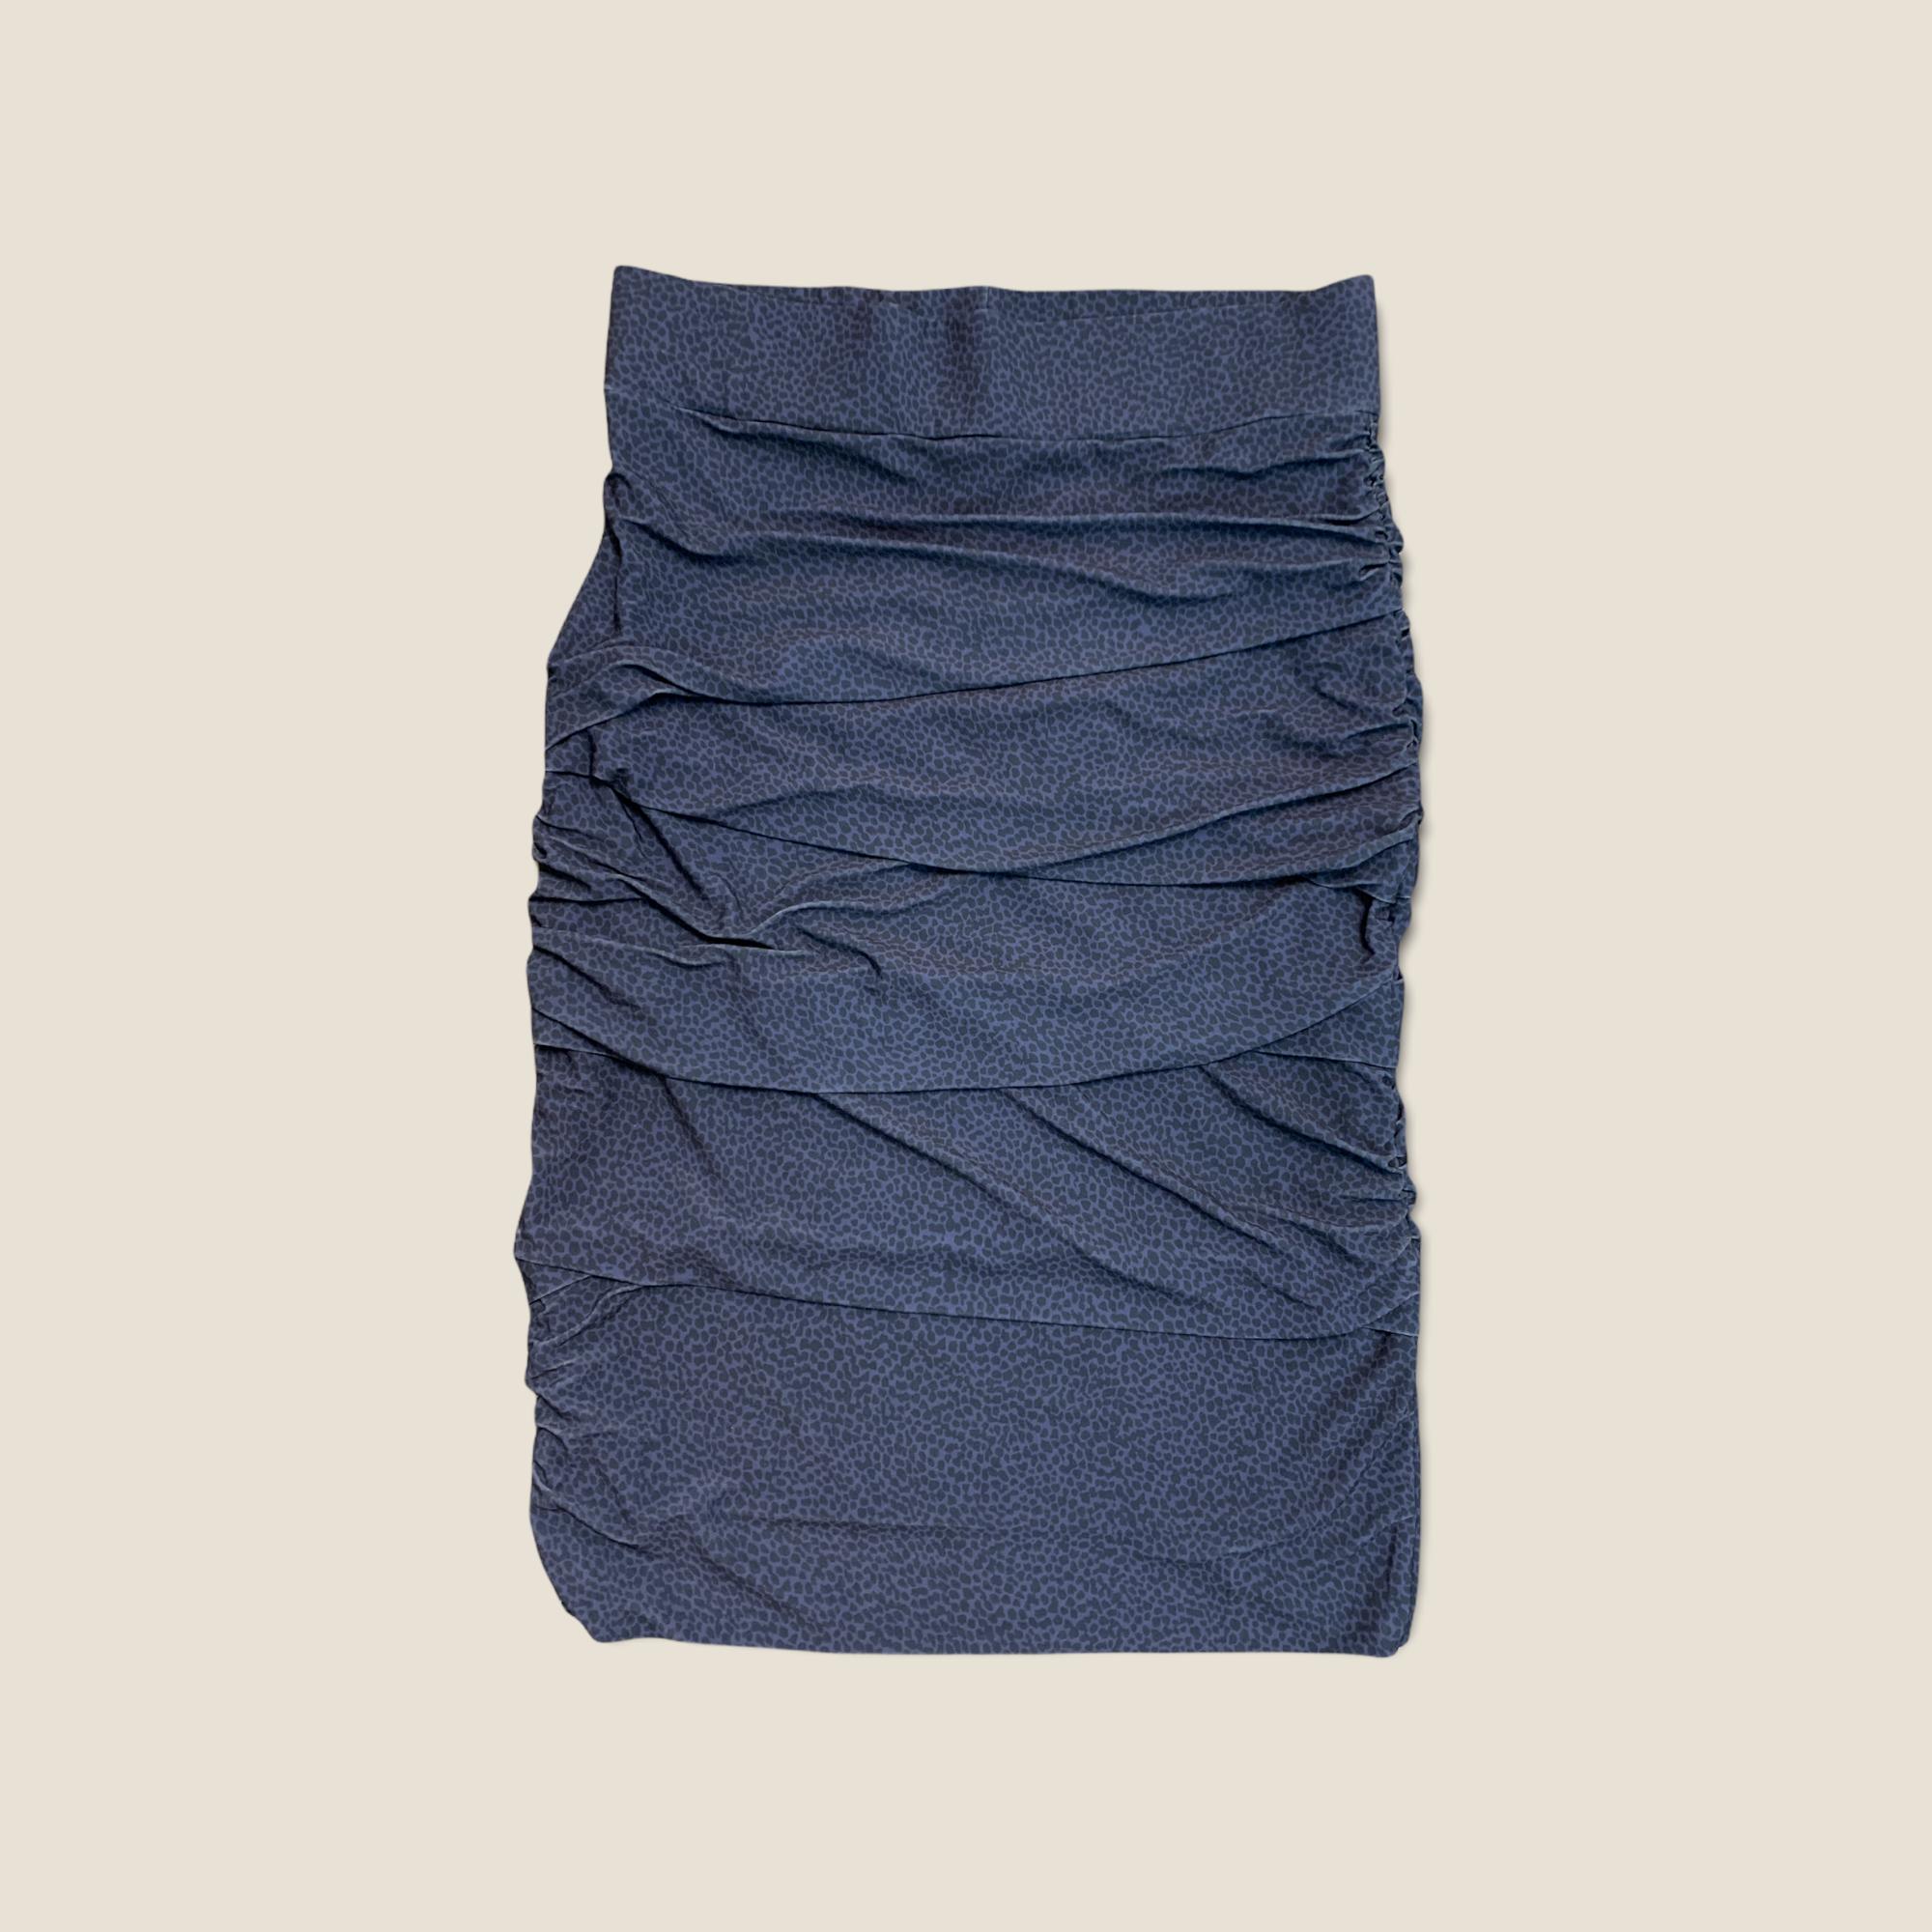 Layered Skirt - Navy Pebble